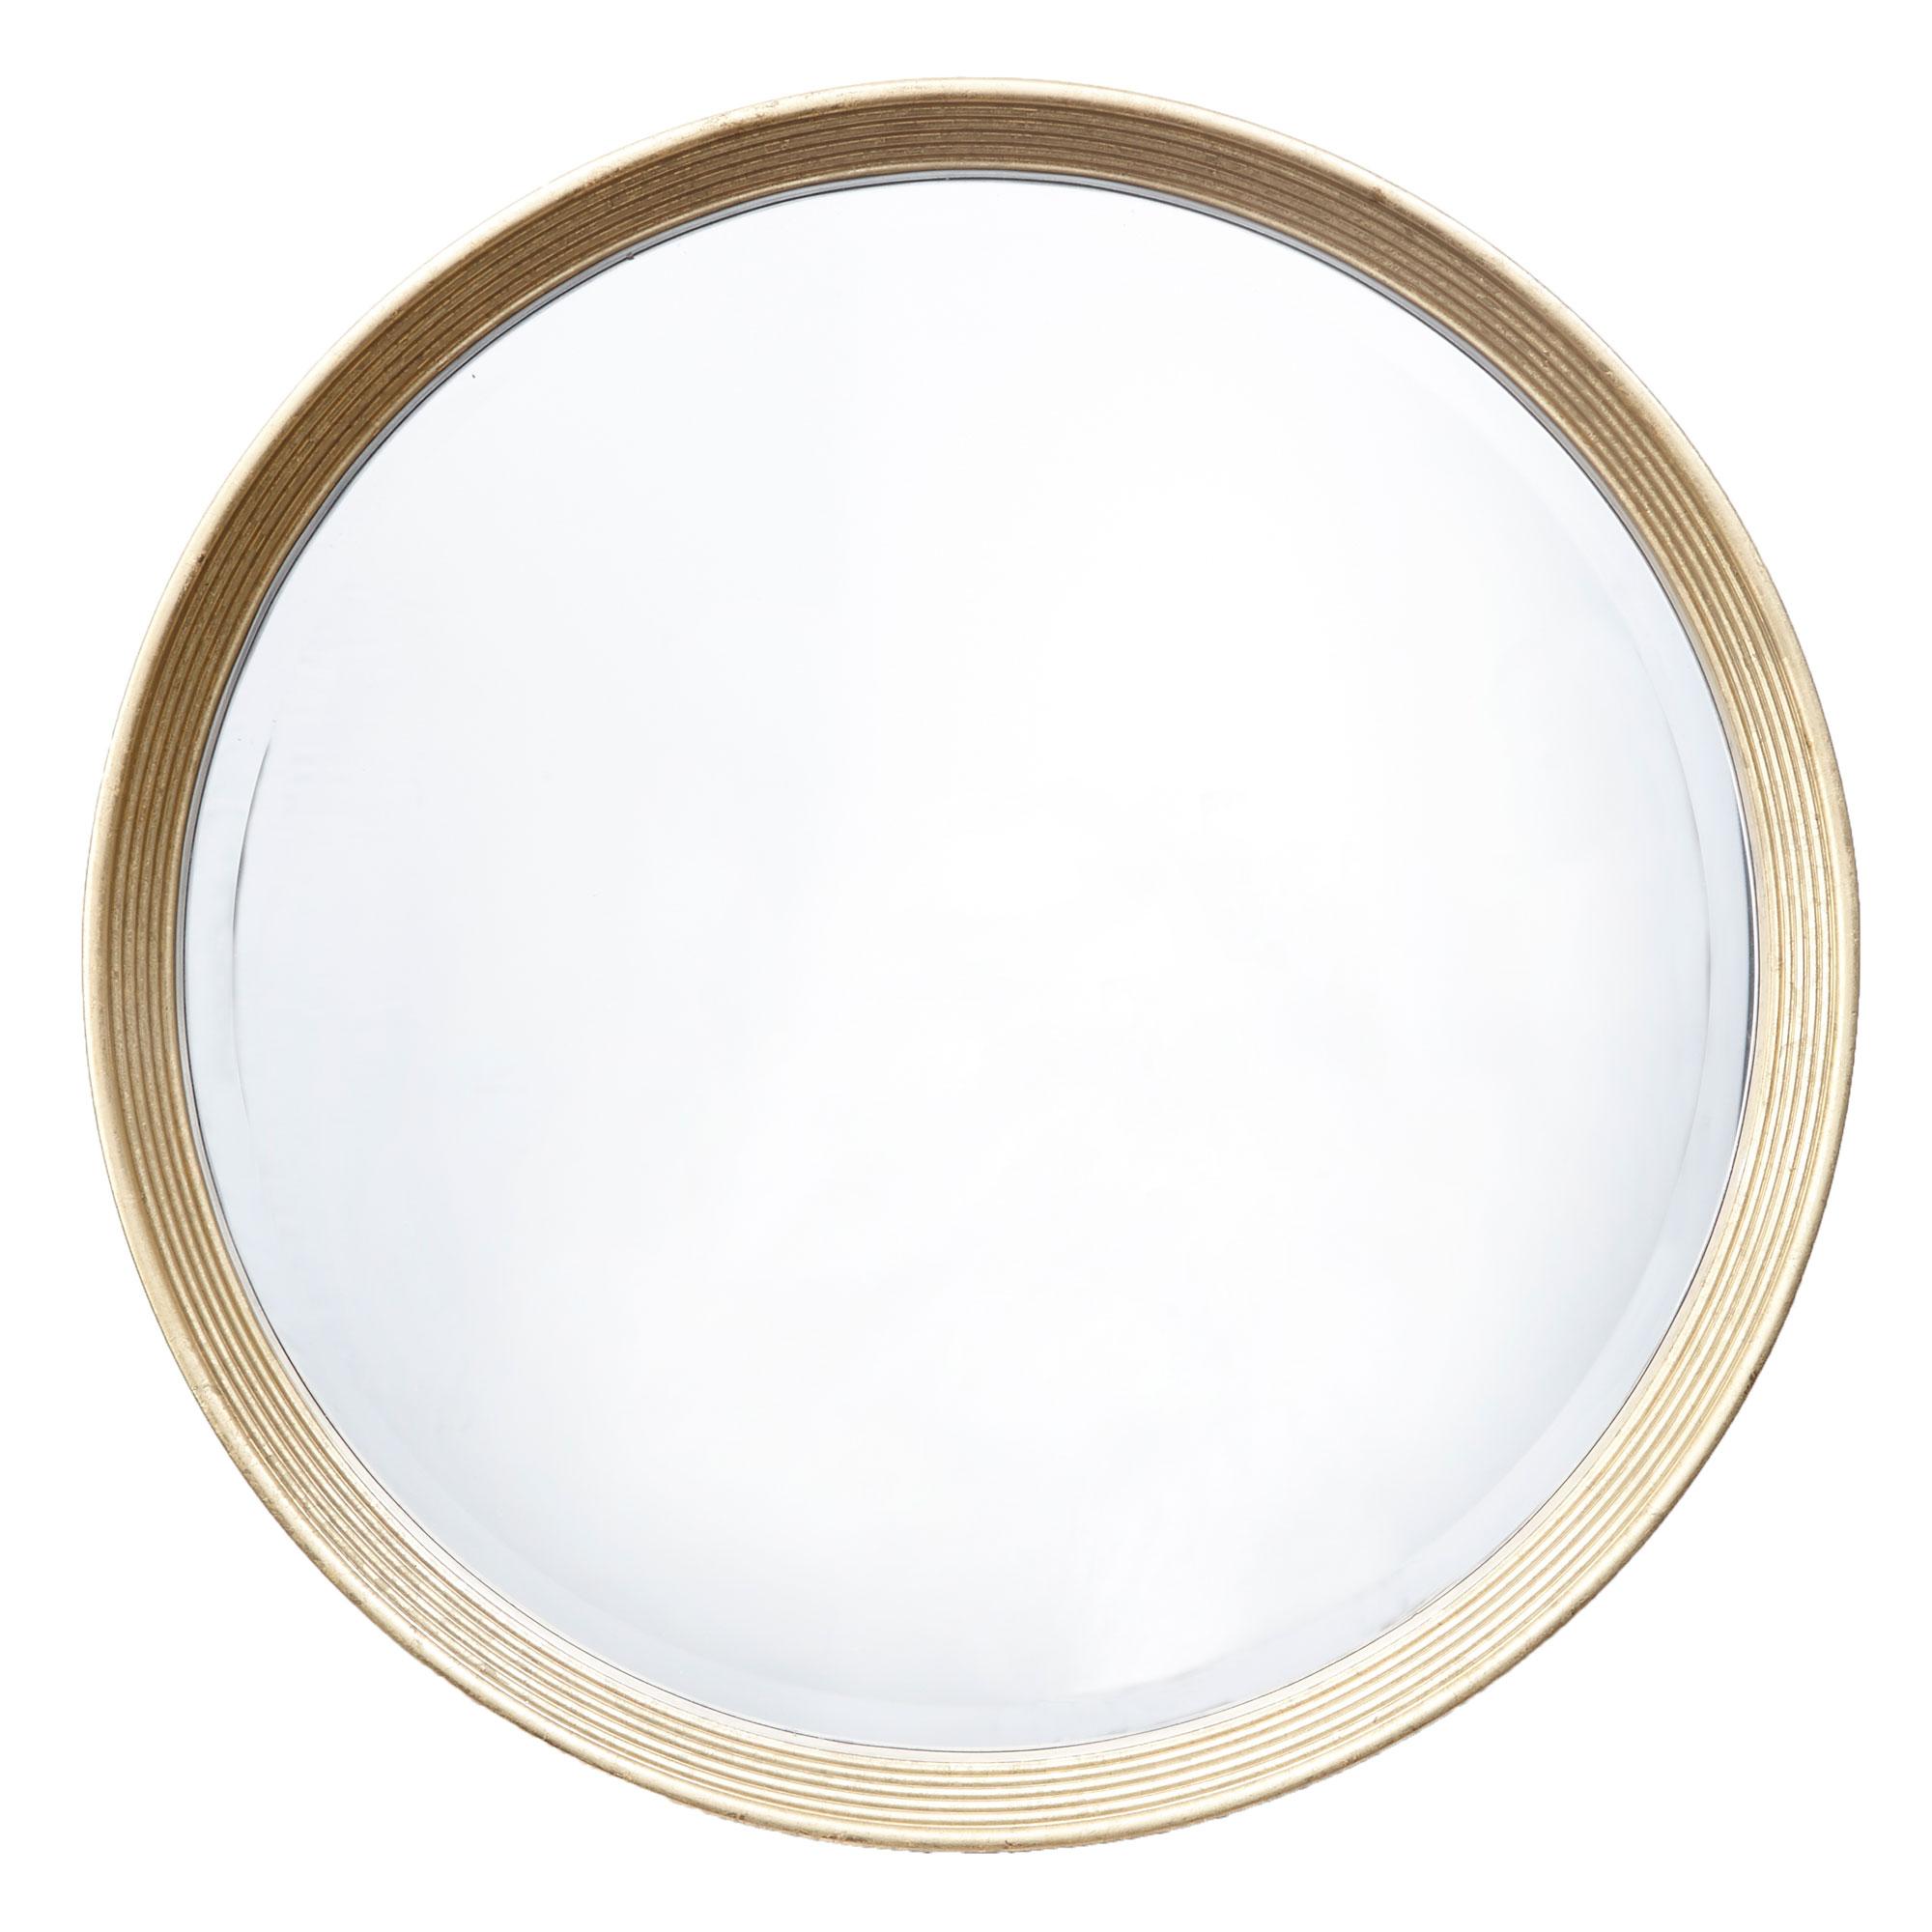 7060 the lana mirror round brass